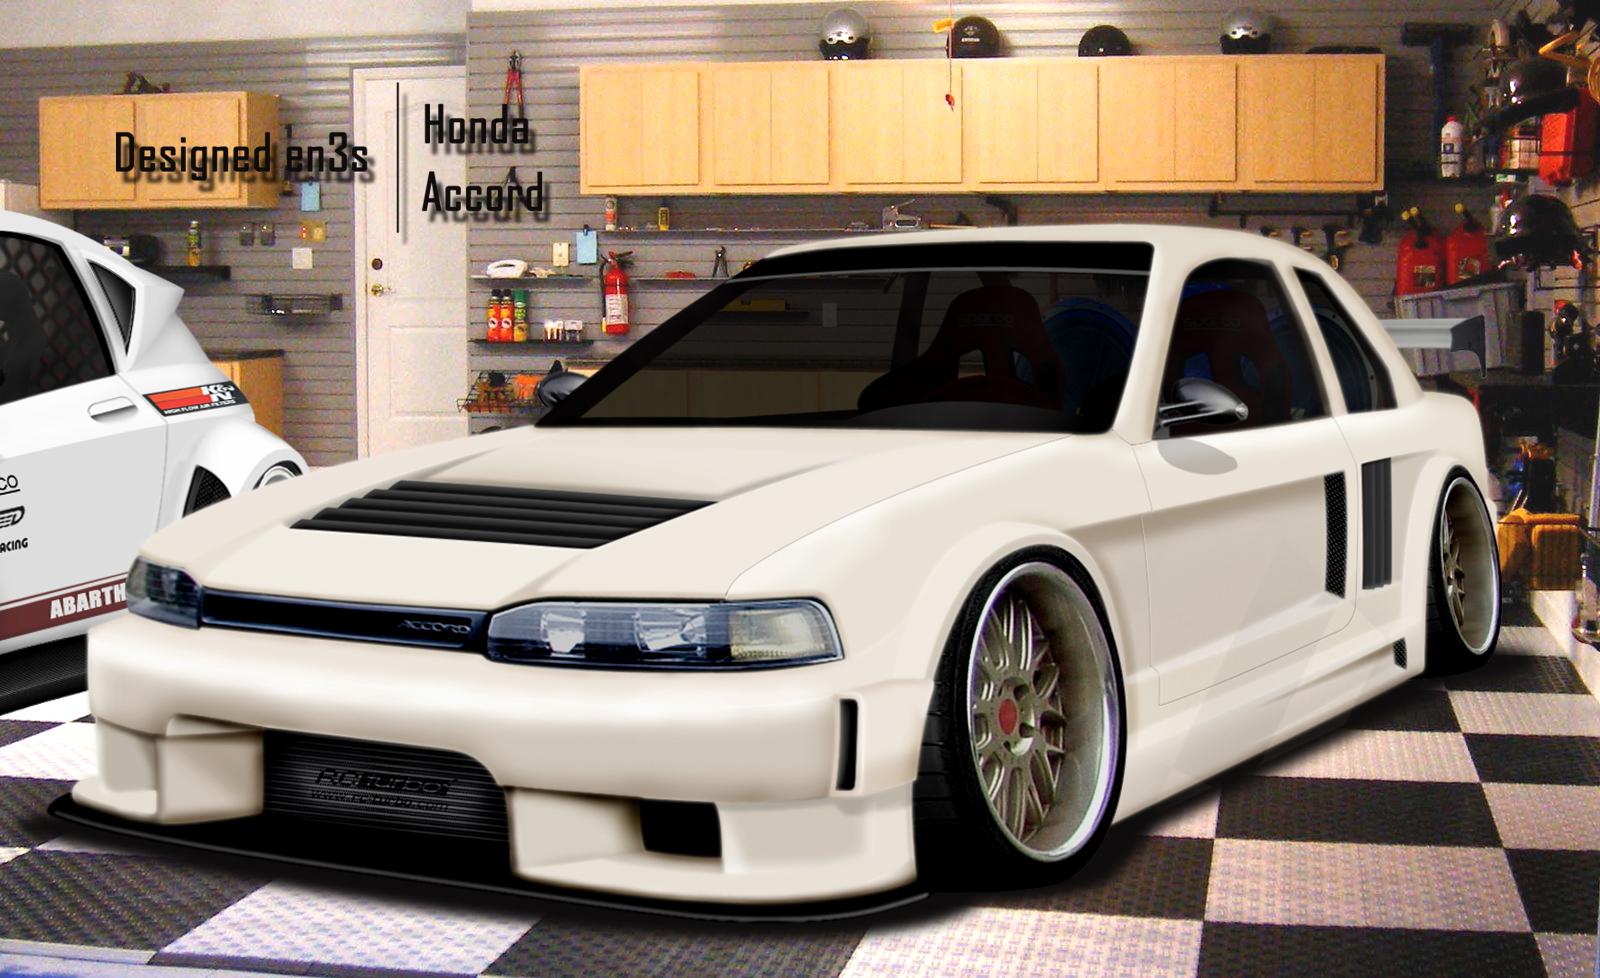 Honda Accord by en3sDesign